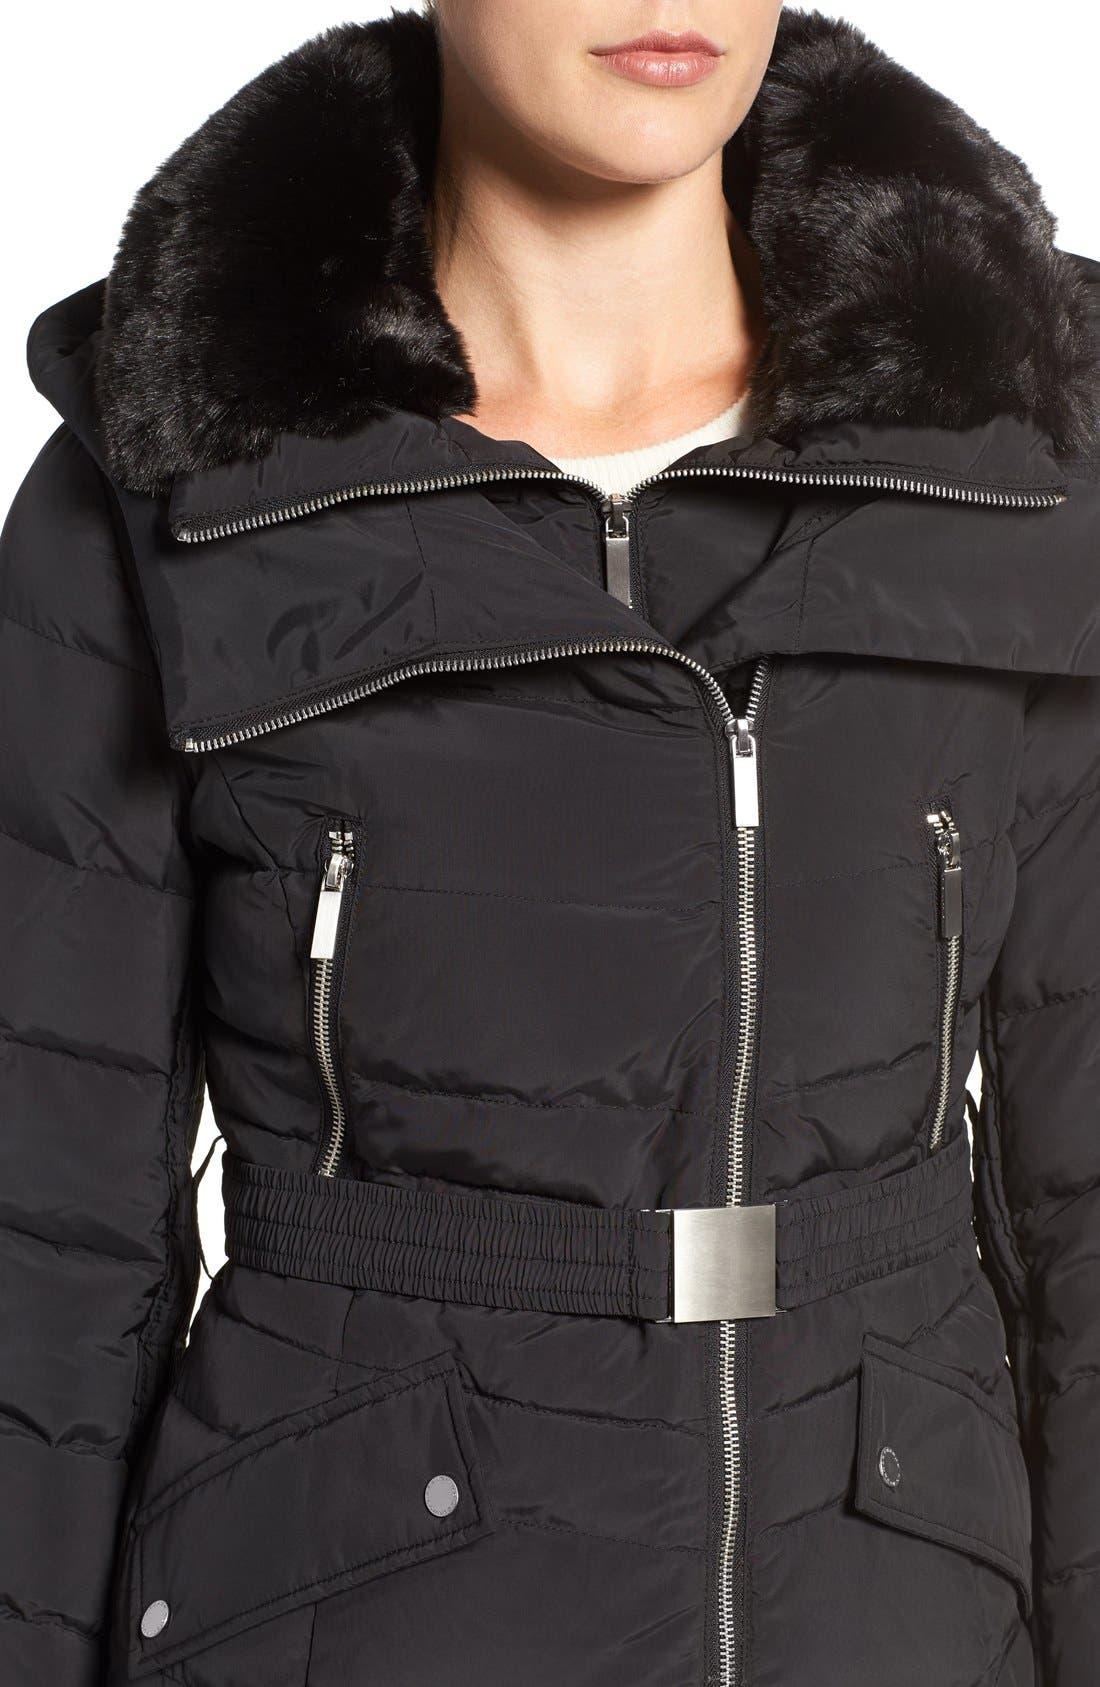 Down Coat with Faux Fur Trim,                             Alternate thumbnail 4, color,                             001